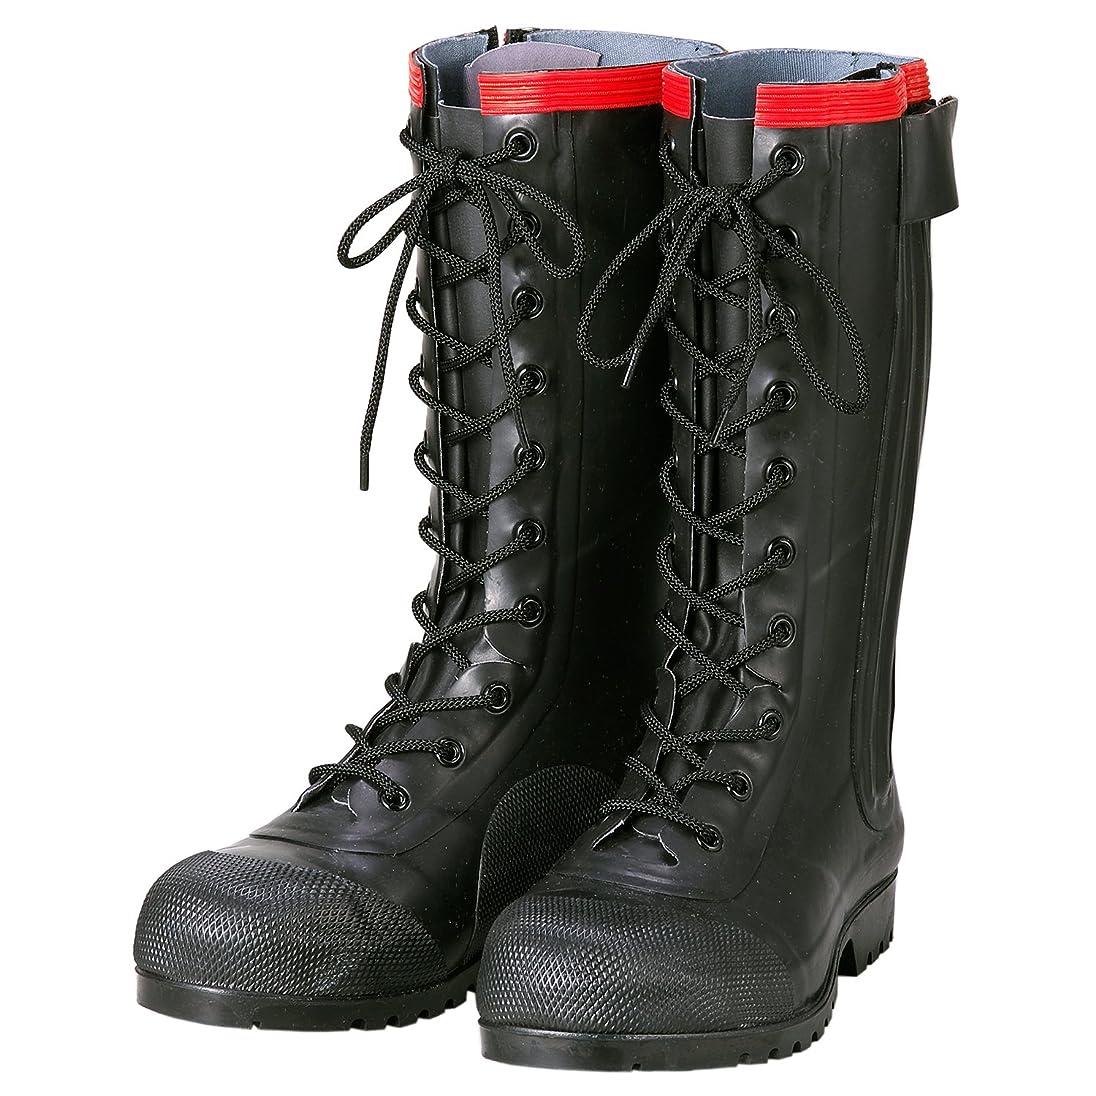 チャーミングが欲しい降下Antistatic Boots AE030 Rubber Safety Lace-up Boots Conductive Type / 静電気帯電防止長靴 AE030 安全編上長靴導電タイプ